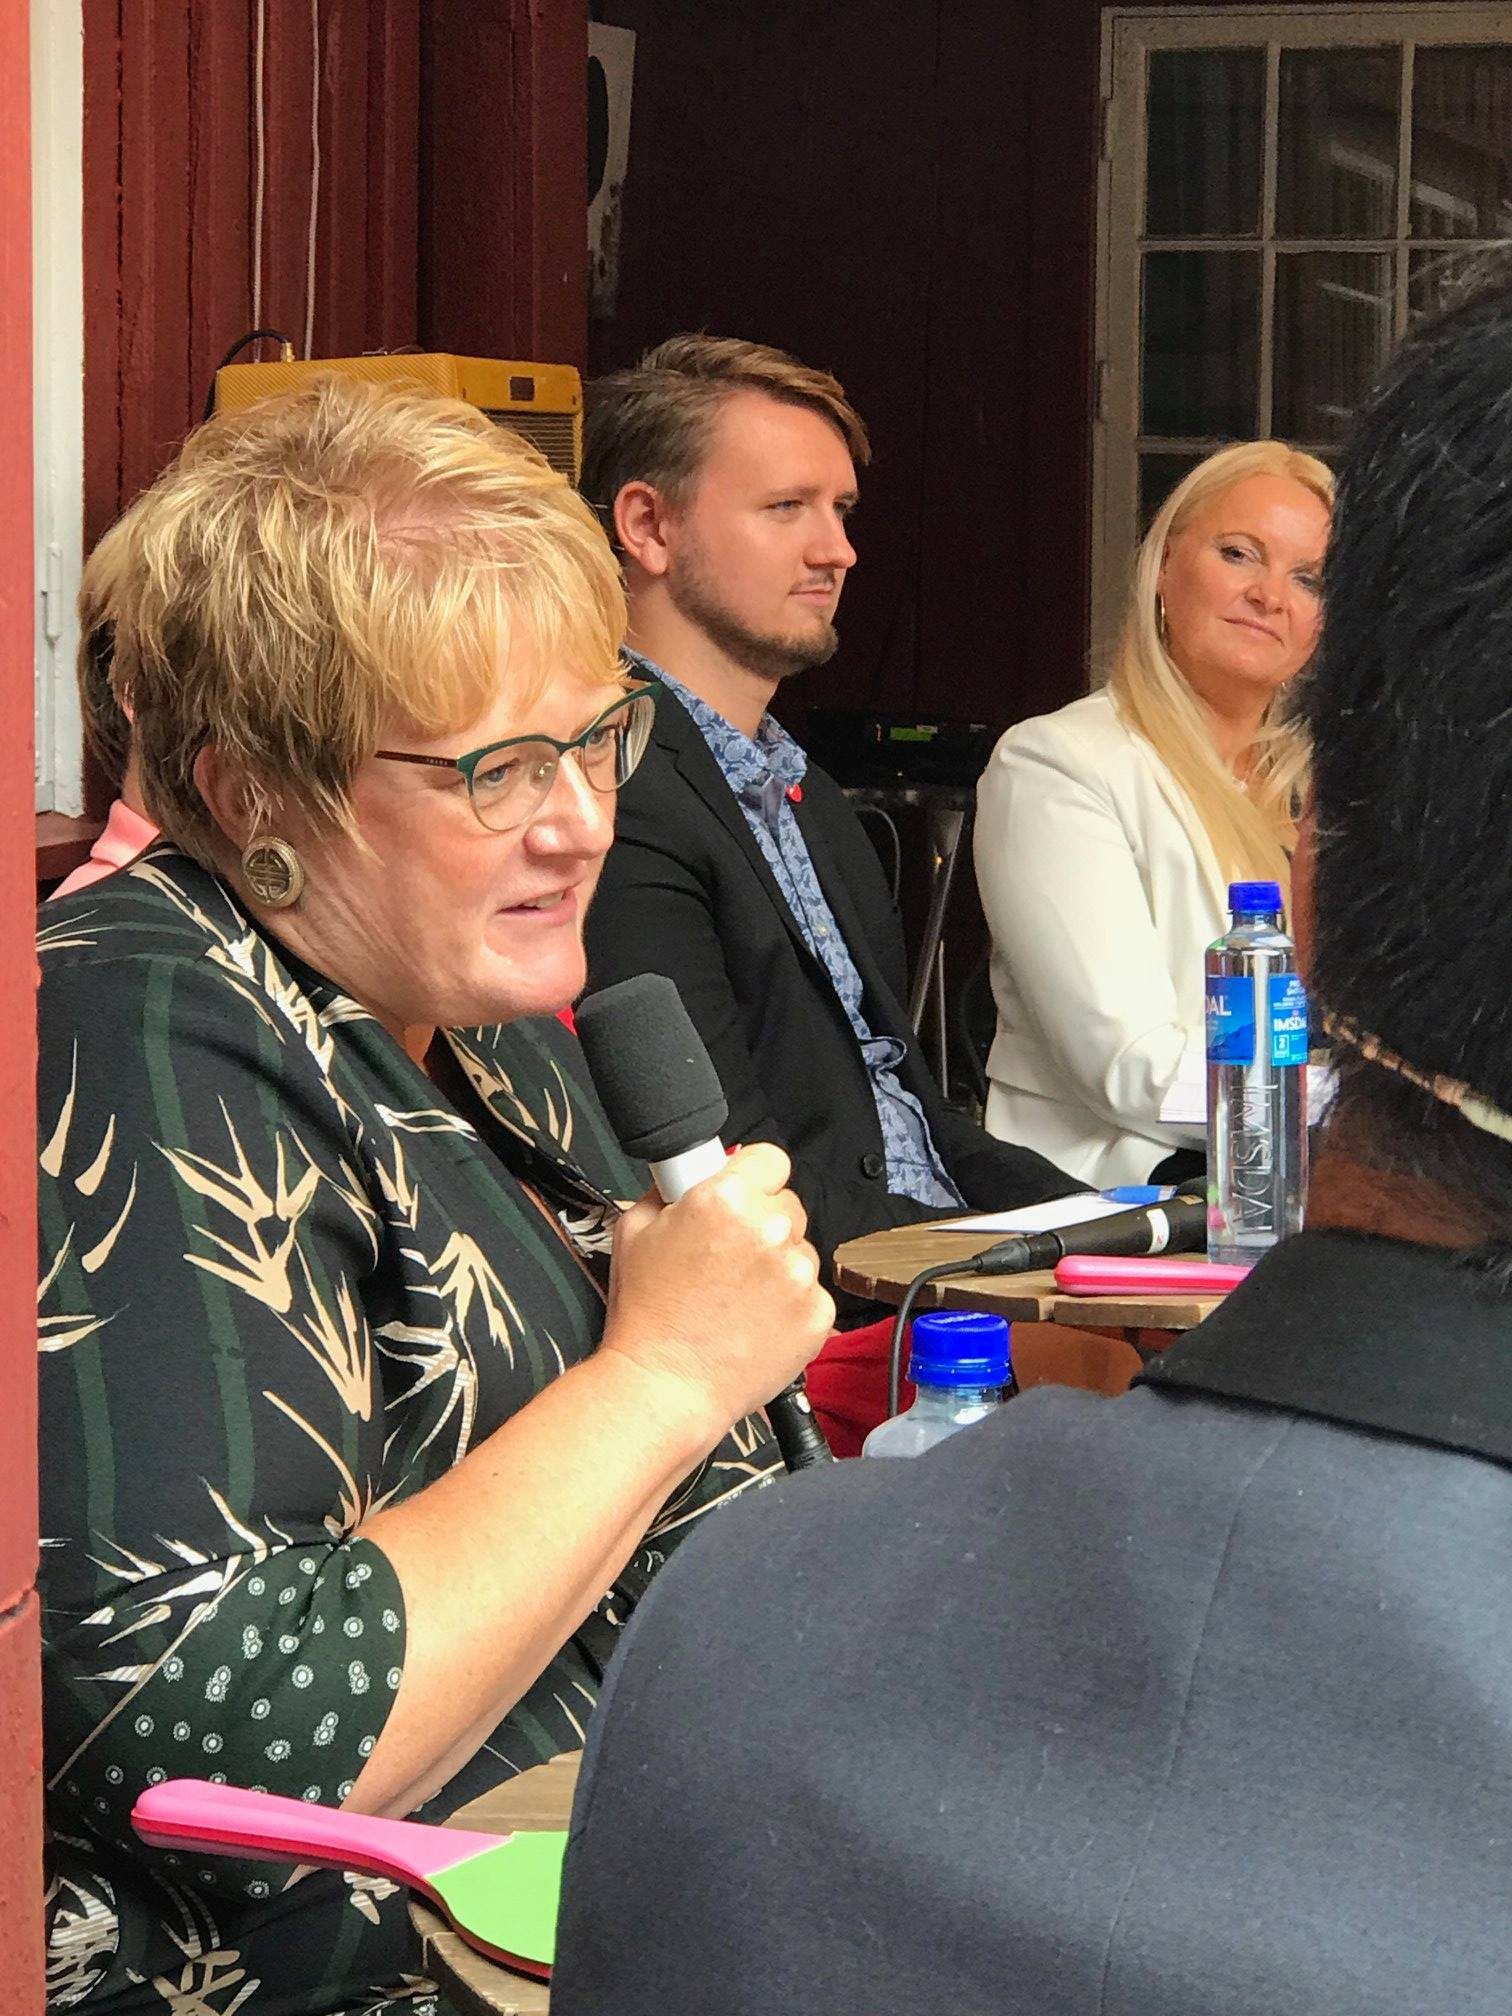 – Mye av det demokratiet vårt bygger på ligger i kulturen, sa Trine Skei Grande under Balansekunsts kulturdebatt.